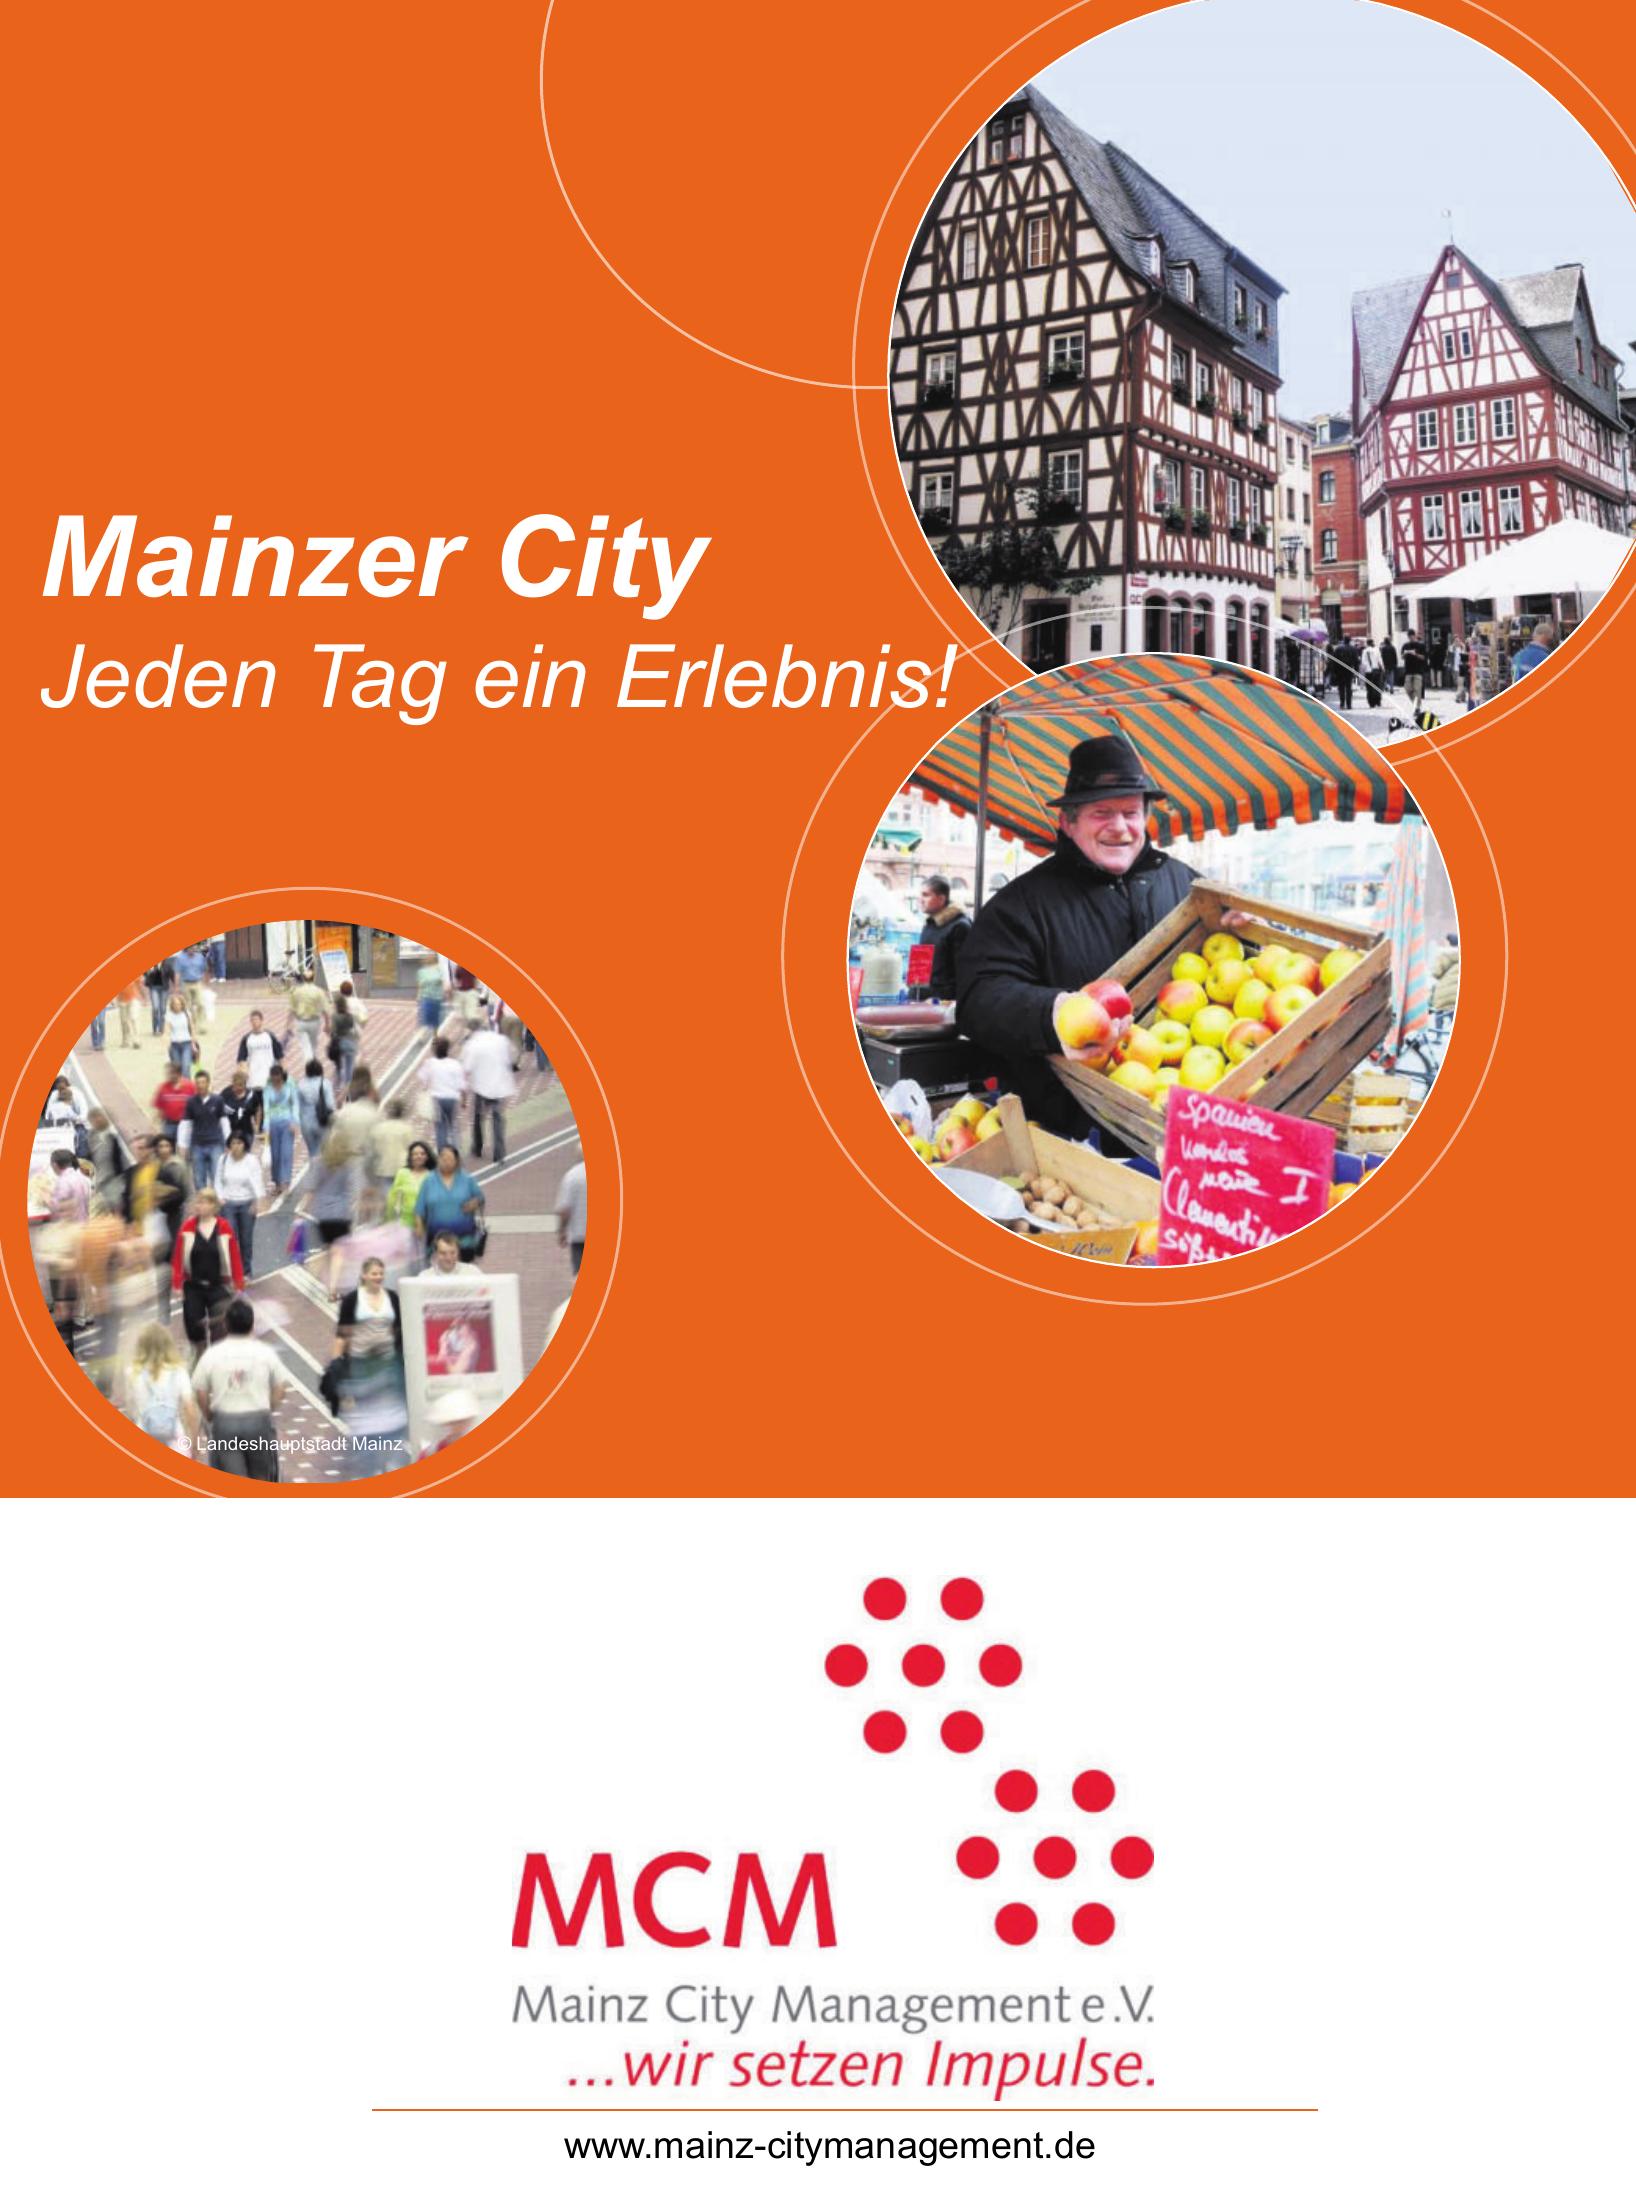 MCM Mainz City Management e.V.